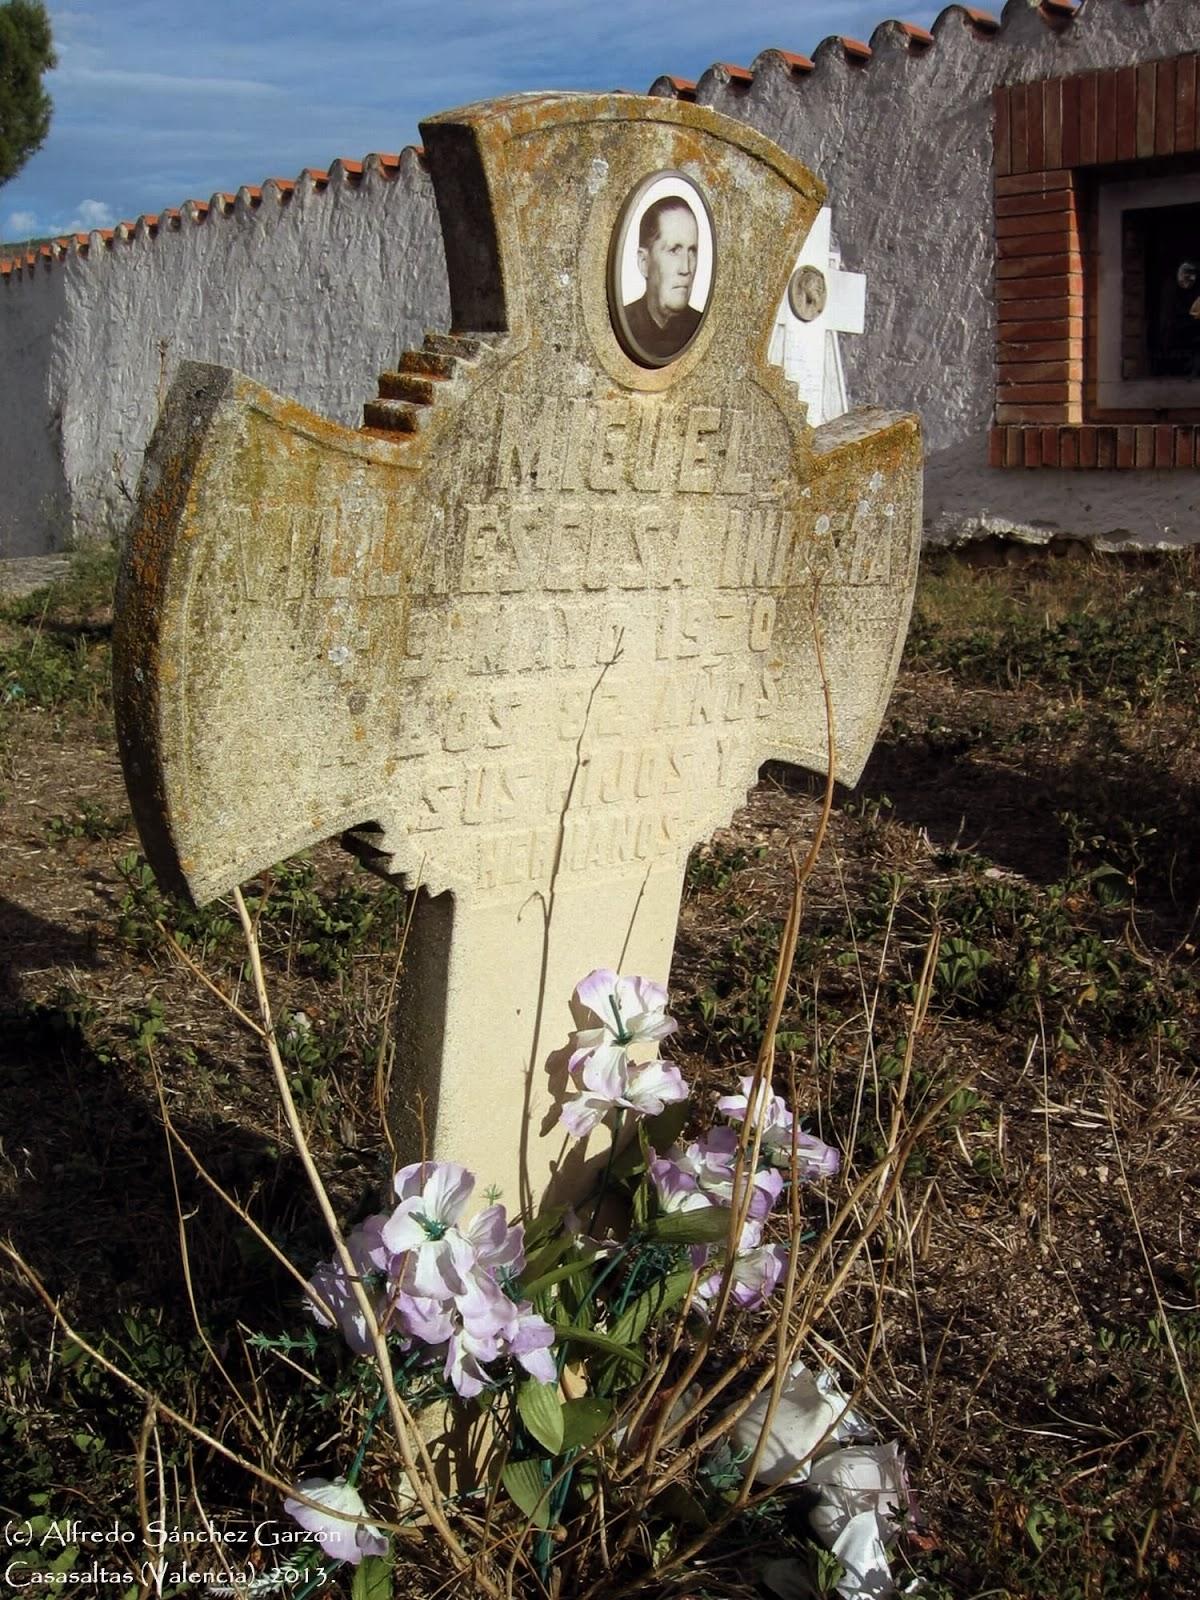 miguel-villaescusa-iniesta-cementerio-casasaltas